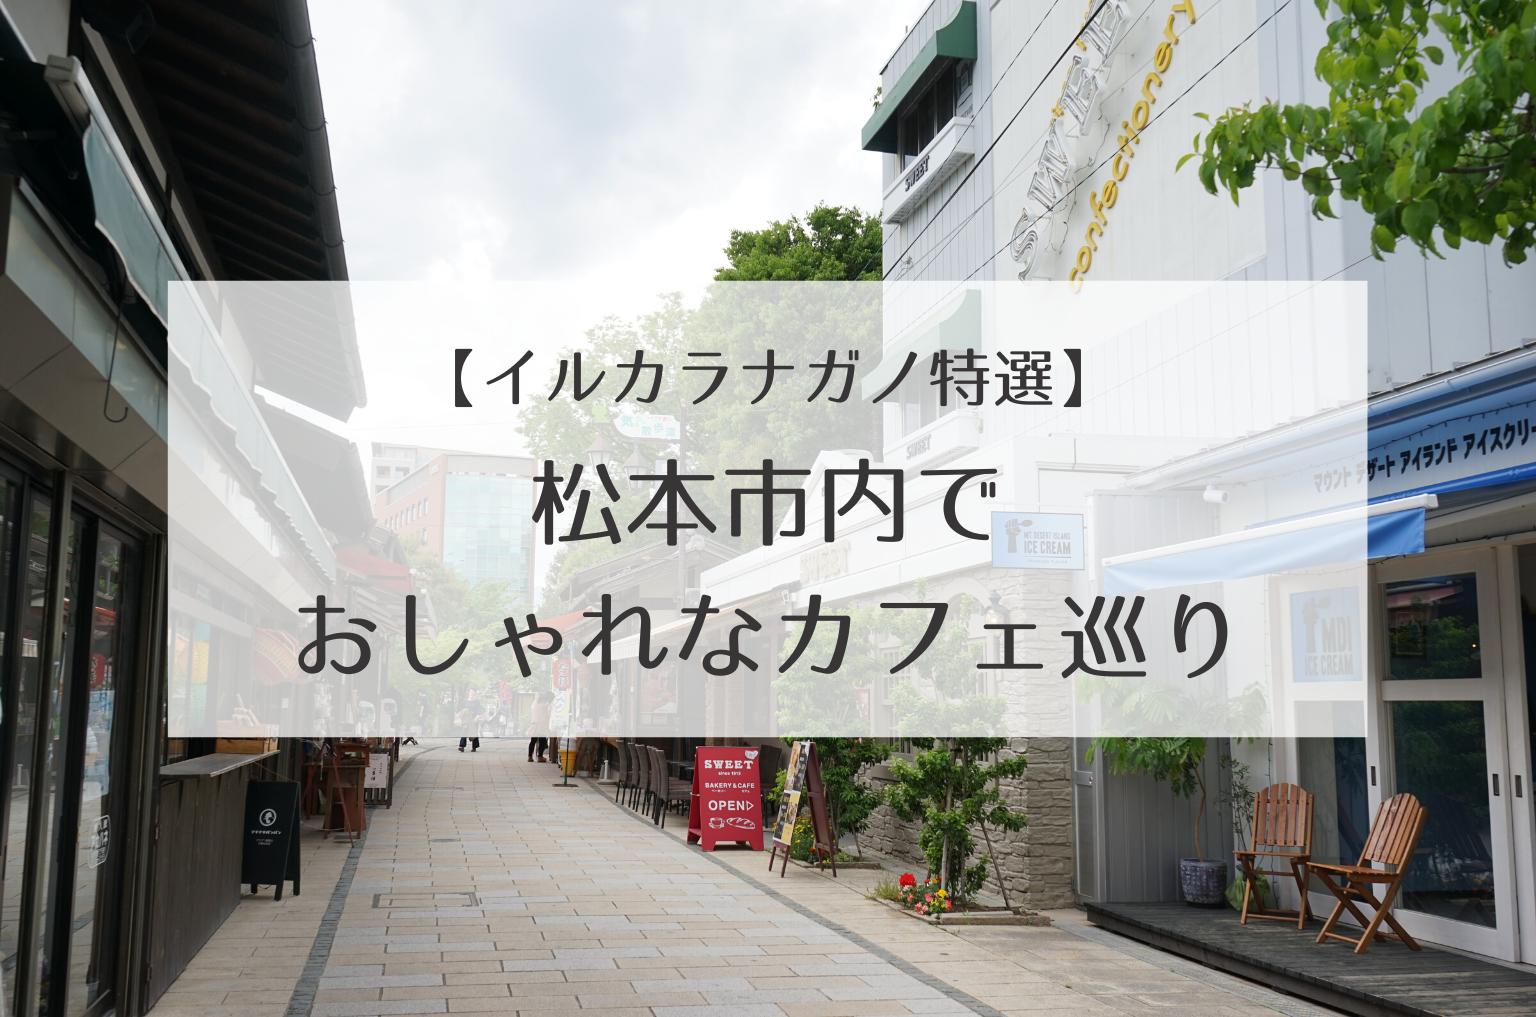 松本市内で おしゃれなカフェ巡り! 人気店から穴場までまとめ